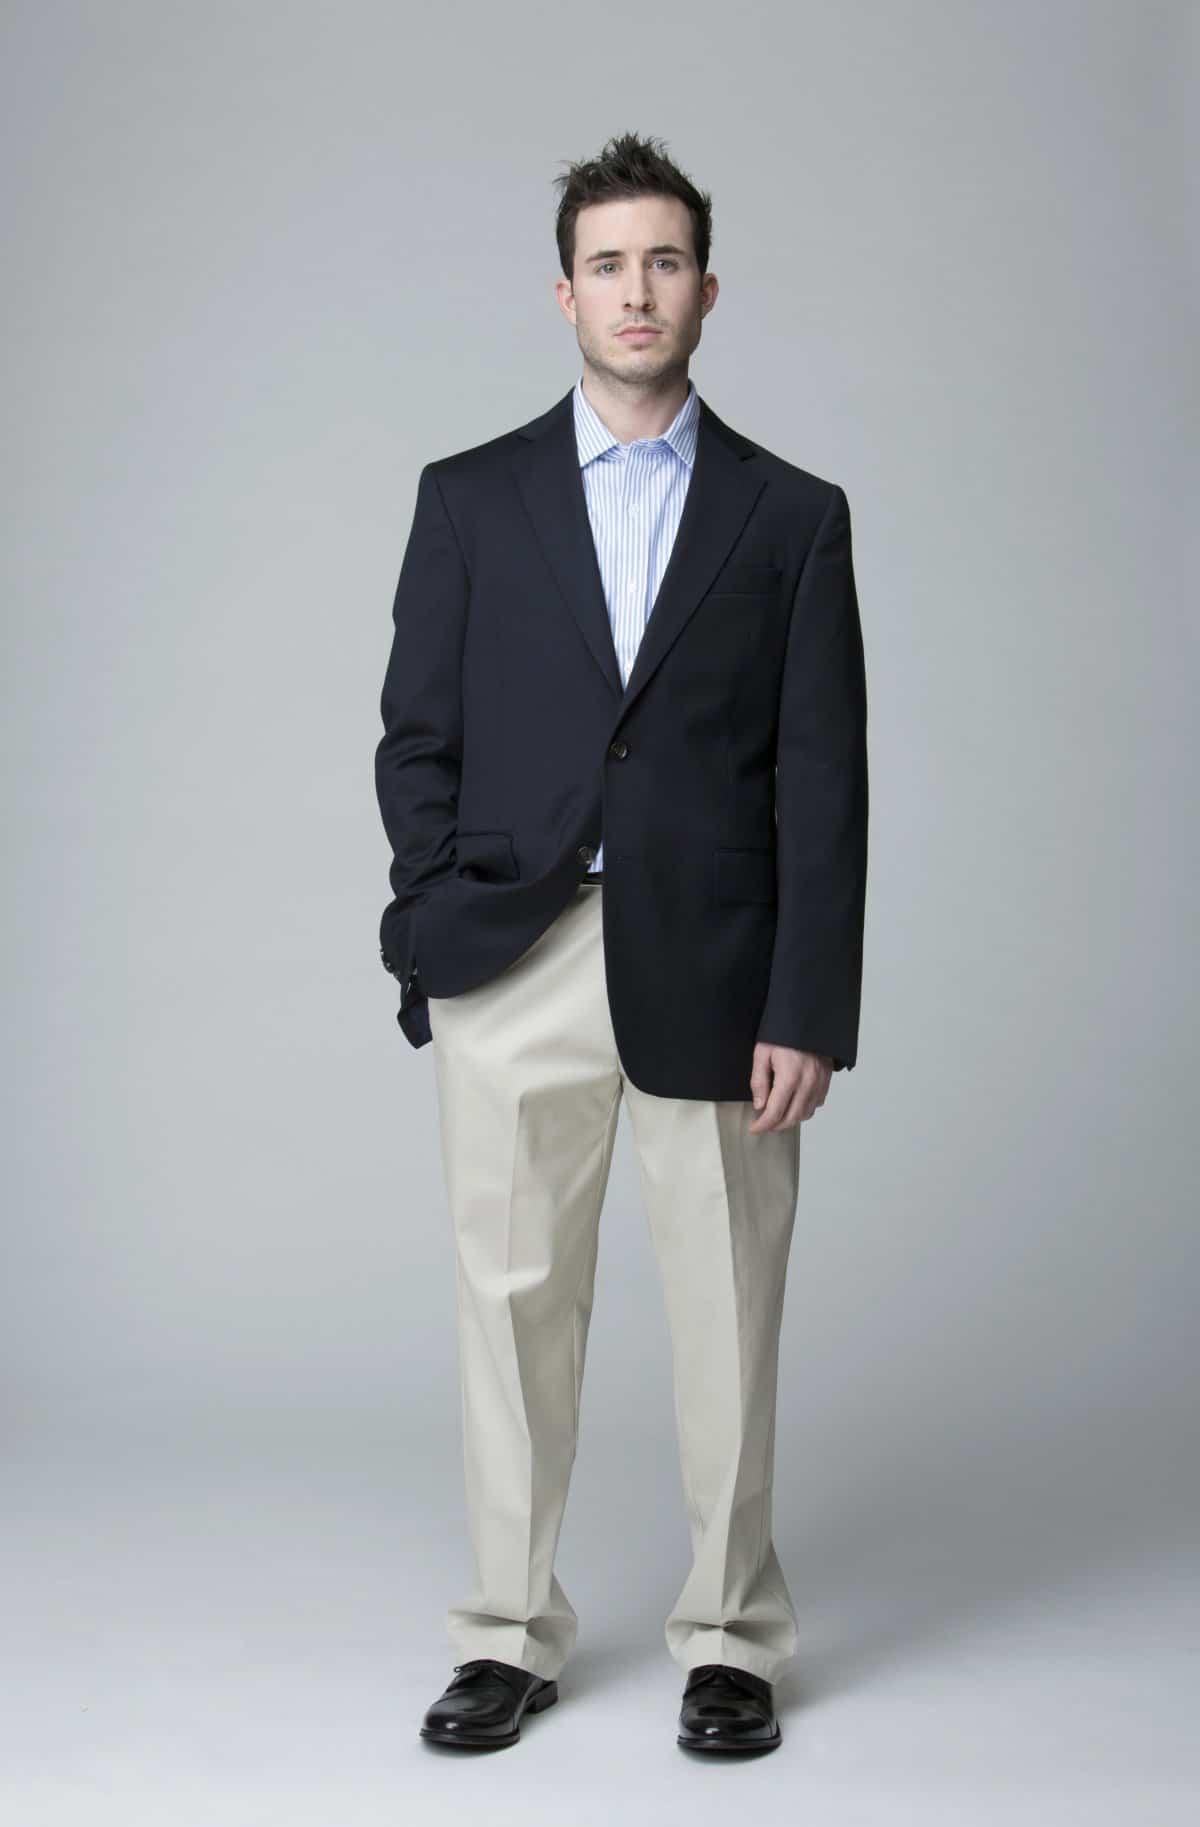 c Principais Erros que os Homens Cometem ao se Vestir